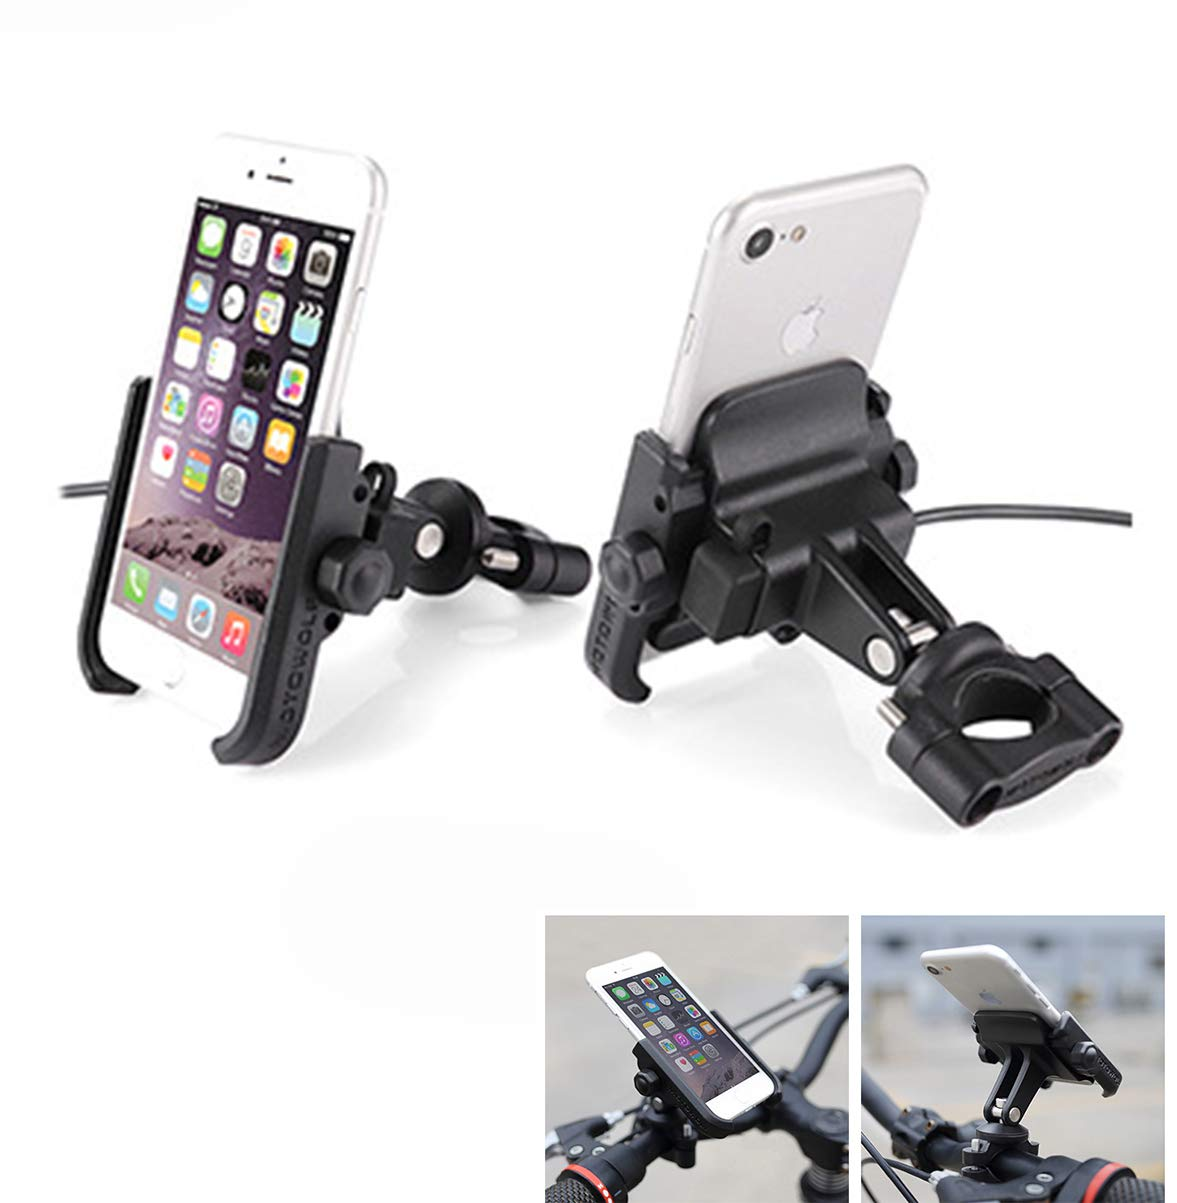 Supporto Smartphone Universale Moto Specchietto Retrovisore Ruotabile in Alluminio per Motociclo Motorino Scooter per Cellulare Navigatore GPS kaser MT-74655